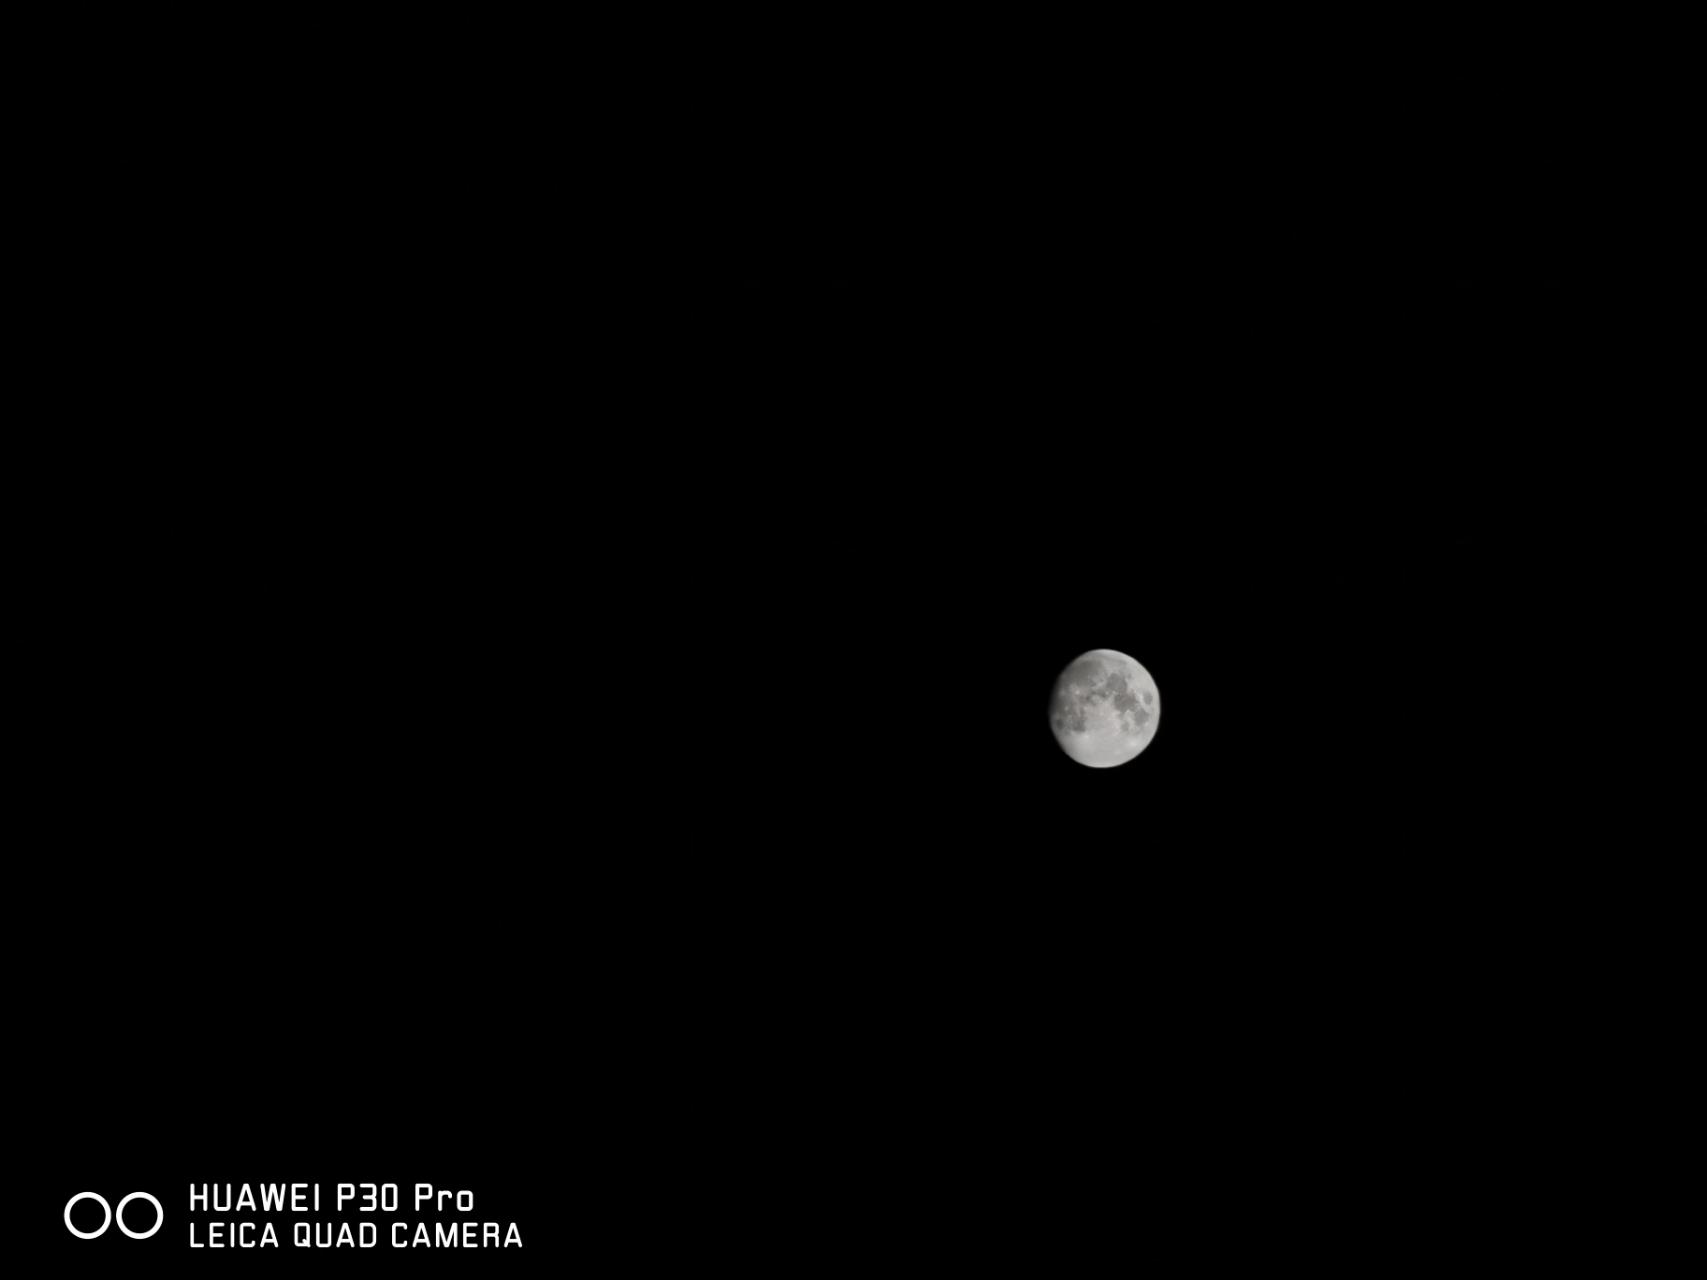 华为拍月亮方法已申请专利:拍高清月亮就看它了的照片 - 6